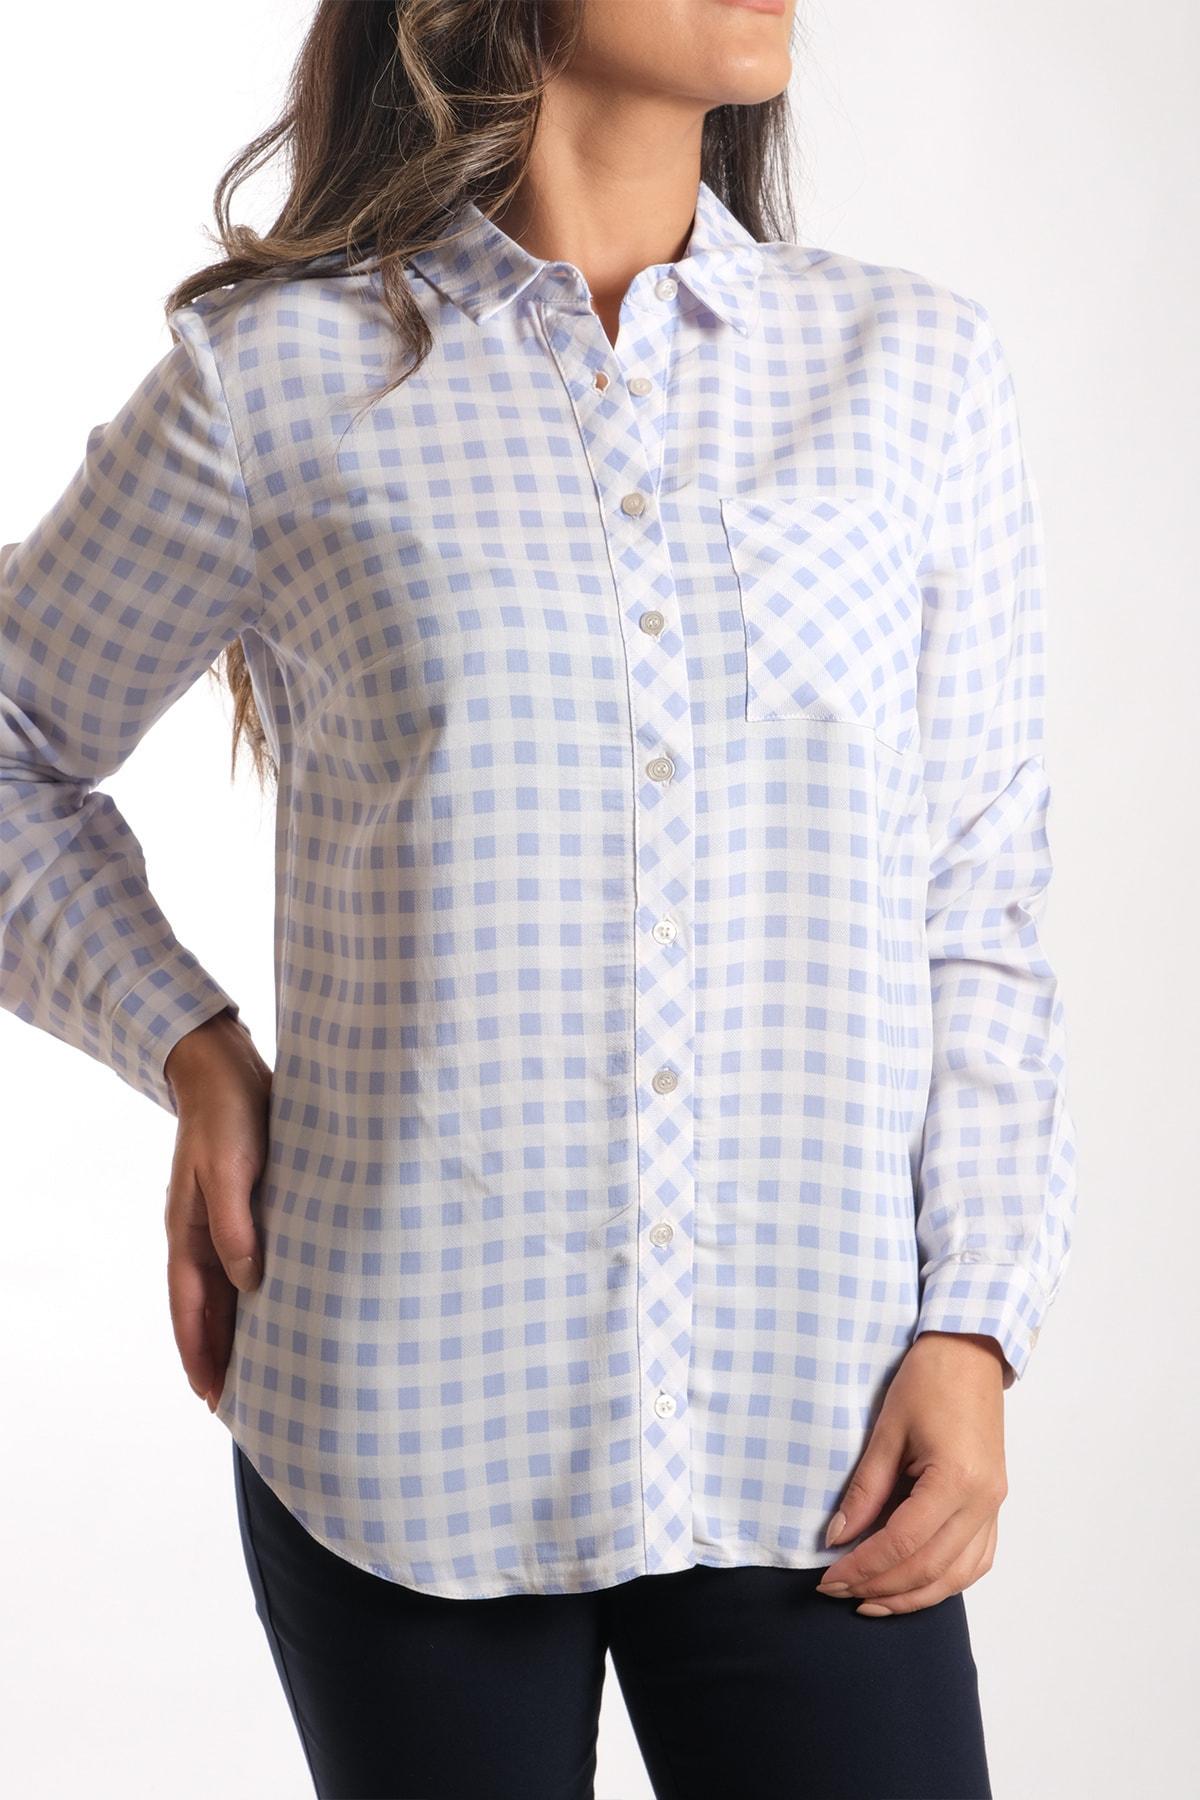 Kadın Mavi Kareli Gömlek